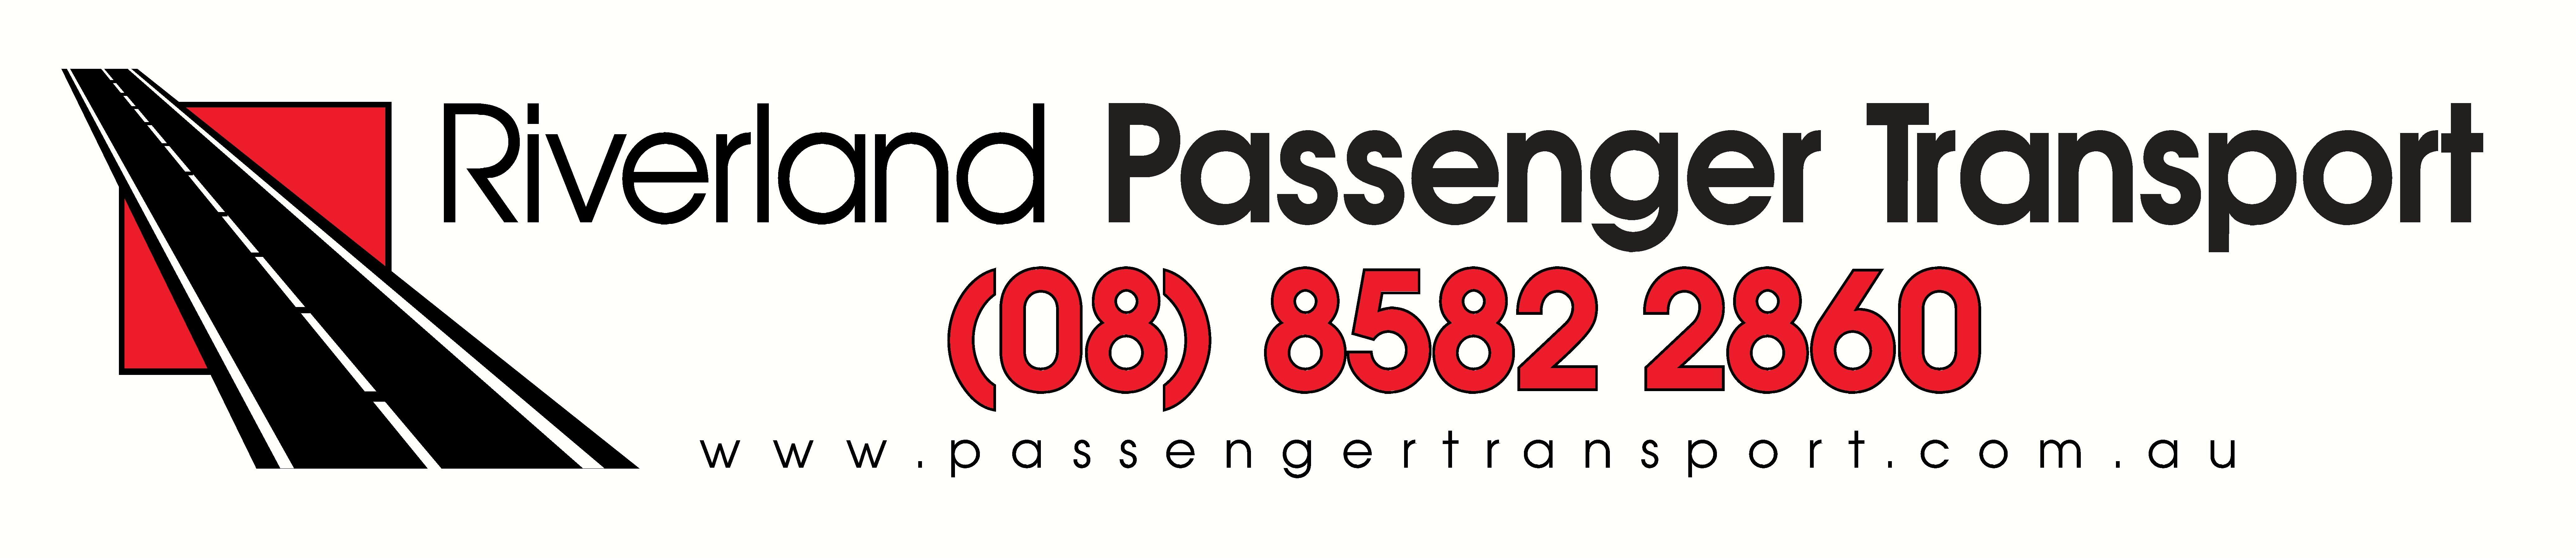 Riverland Passenger Transport Landscape Logo